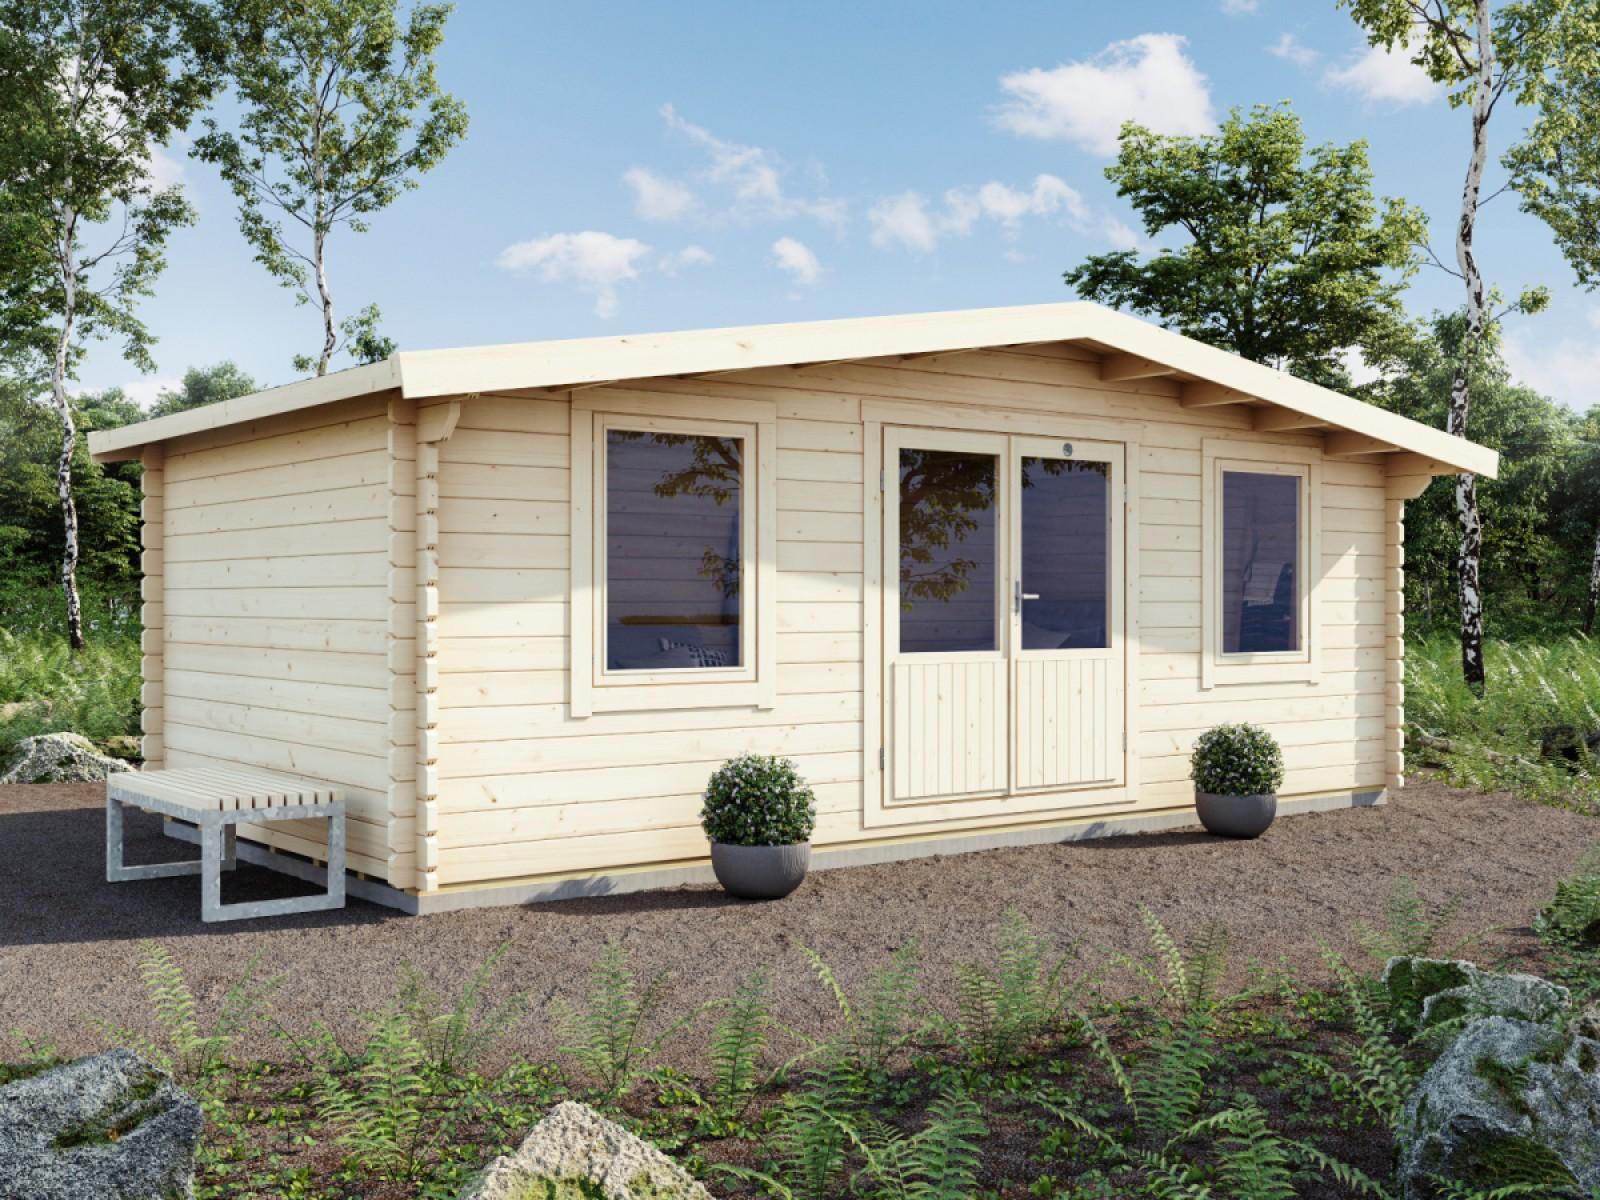 1624457064_Lillevilla 126 Log Cabin.jpg